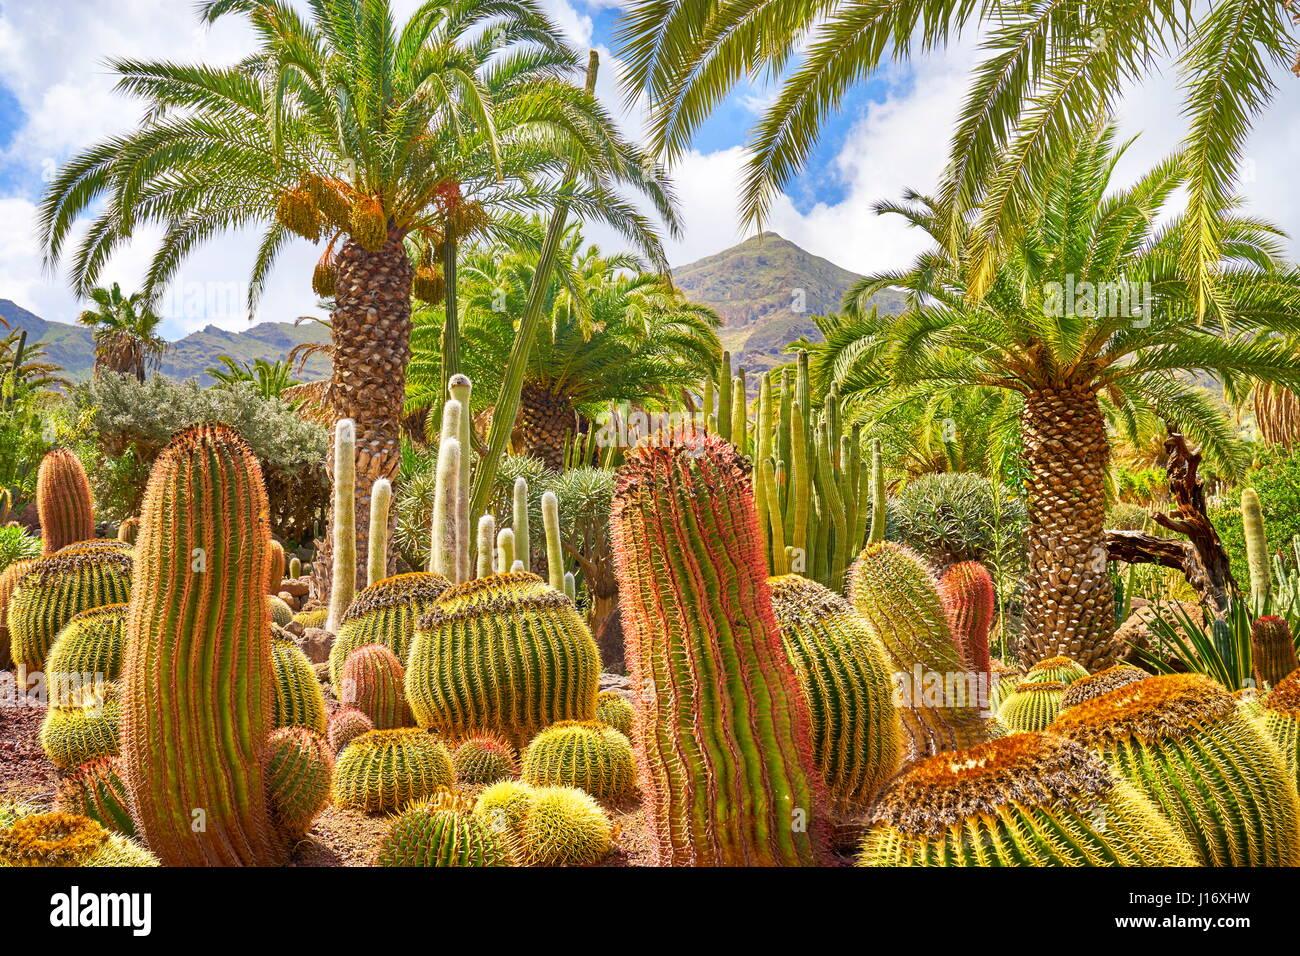 Cactus Garden, Gran Canaria, Spain - Stock Image